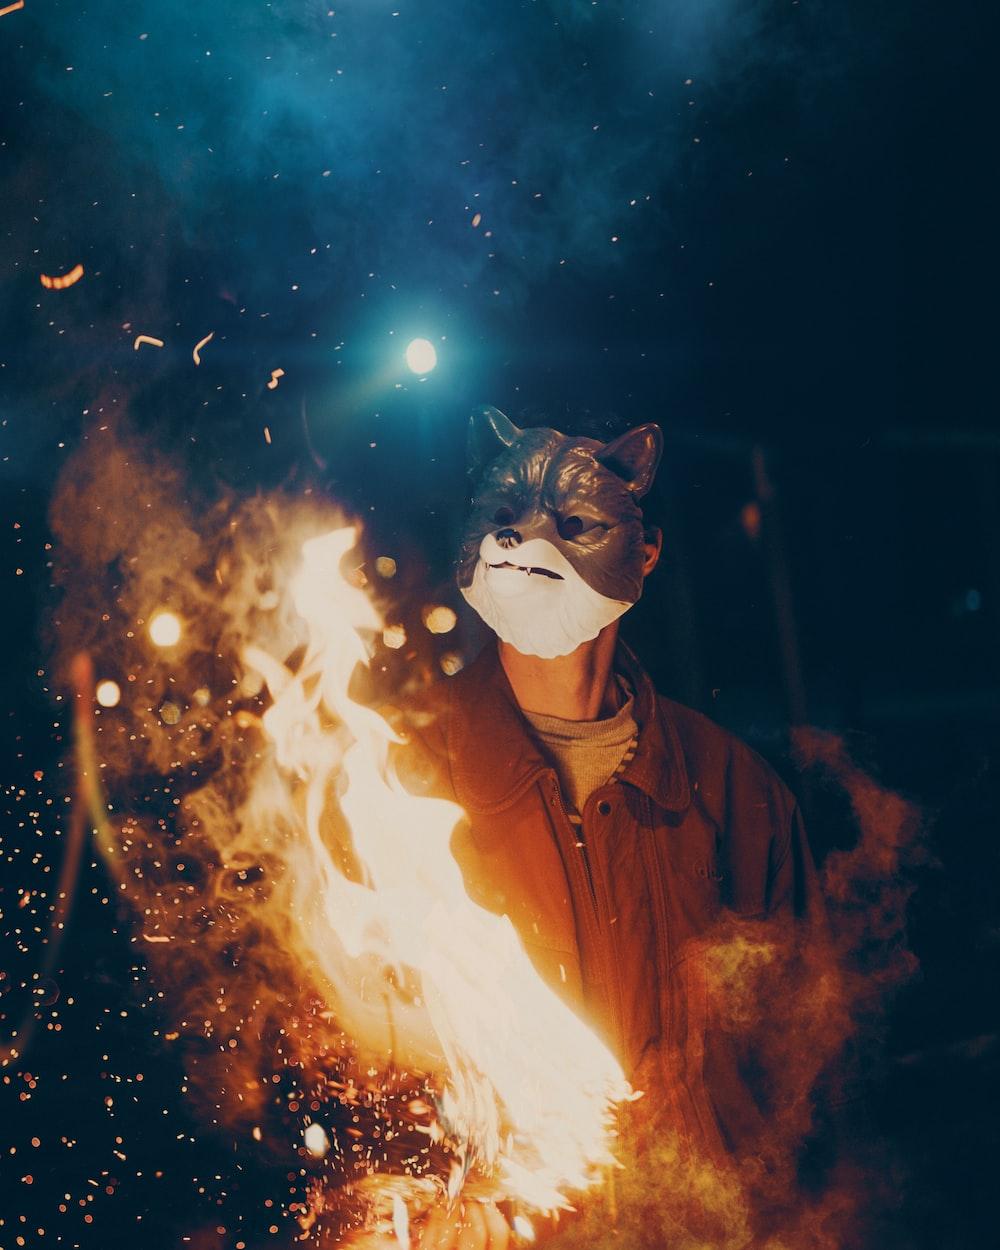 man in fox mask wearing black jacket